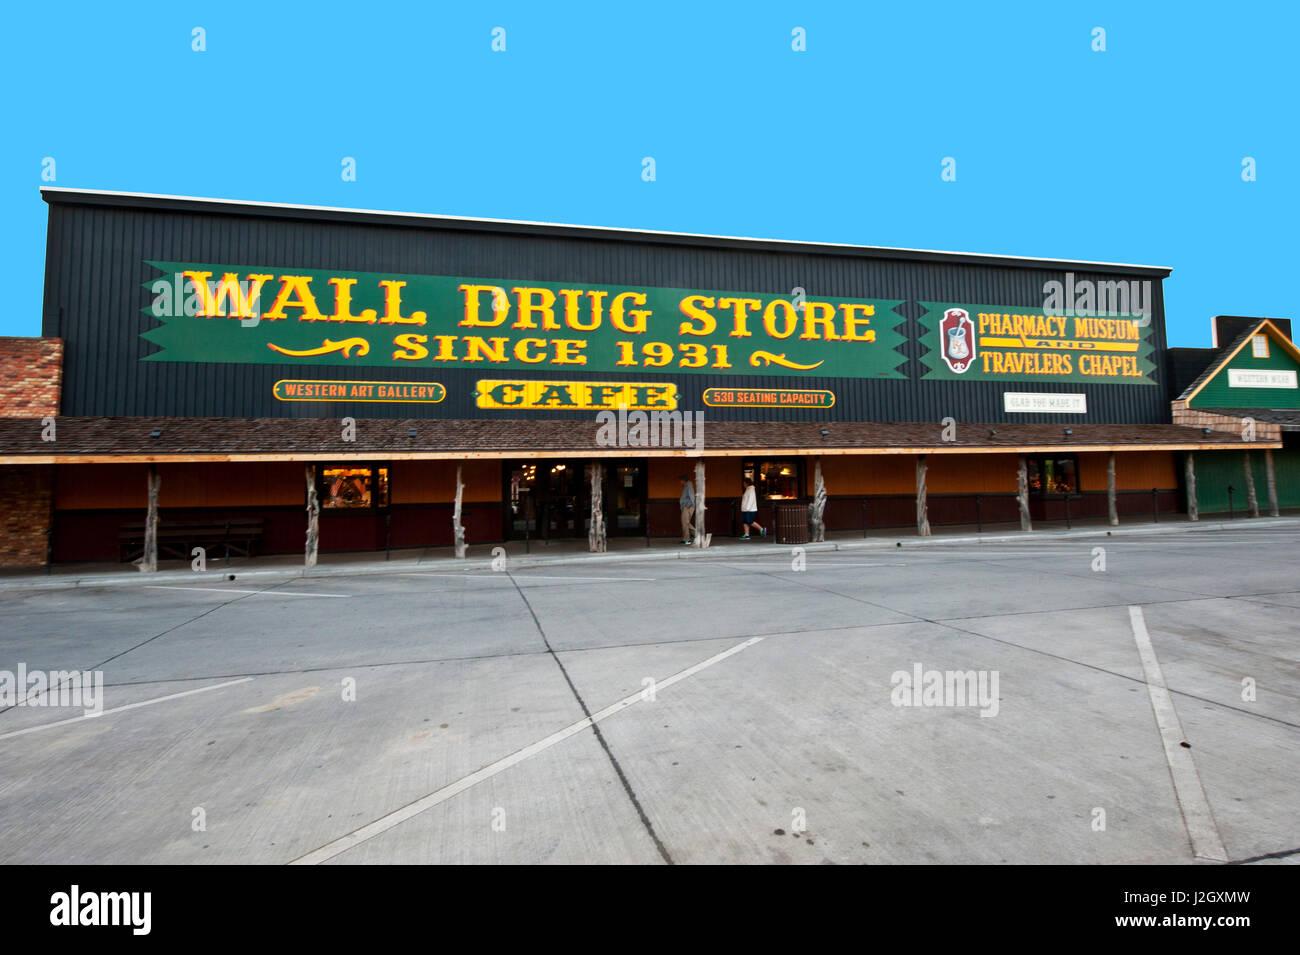 drug store exterior stock photos  u0026 drug store exterior